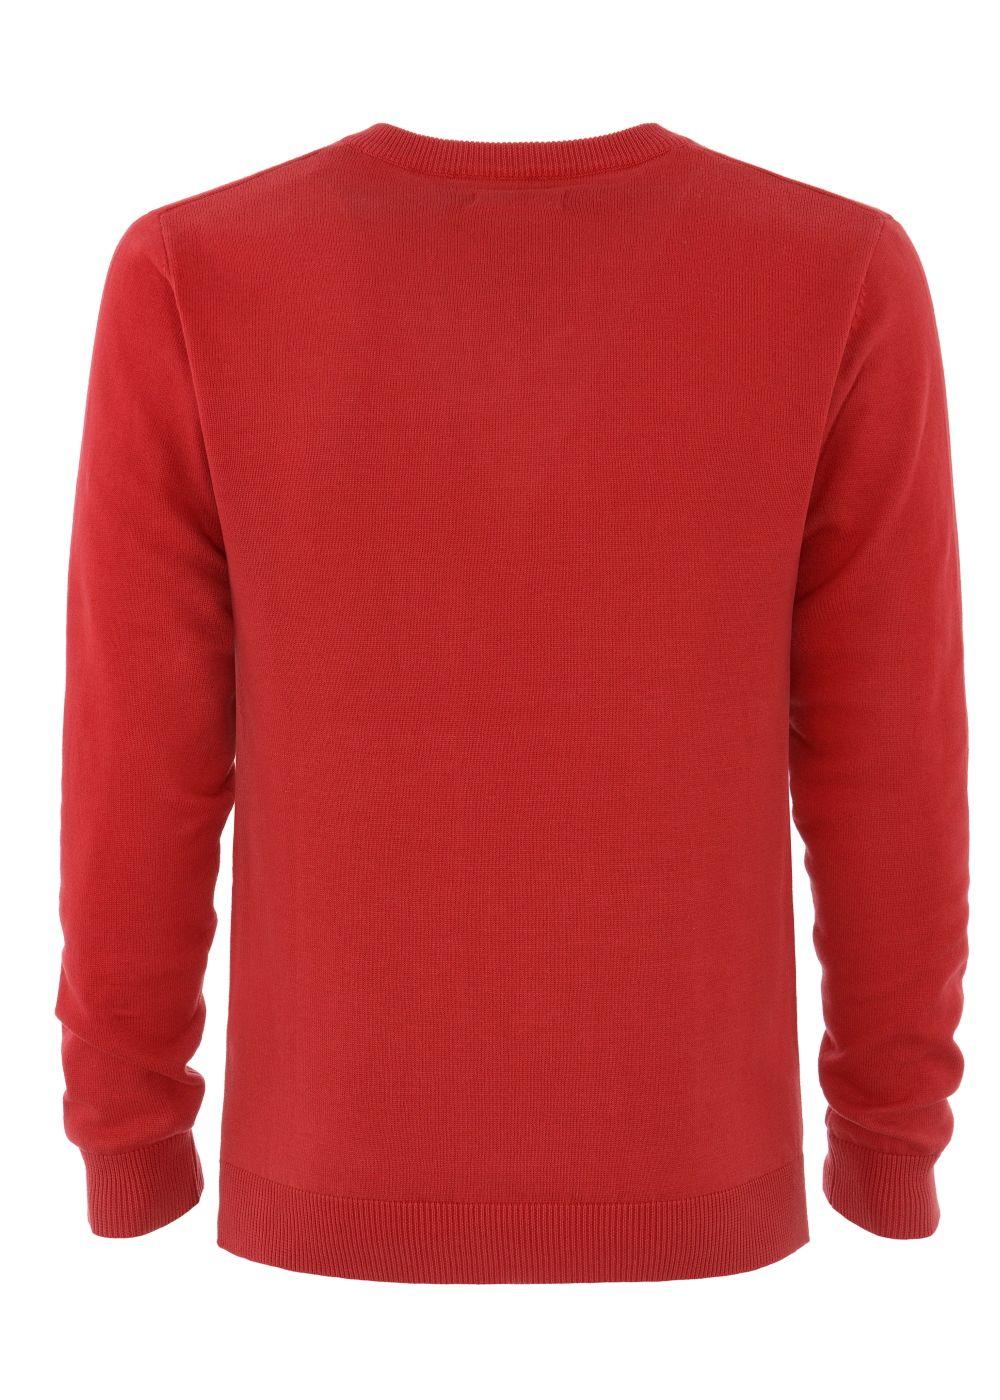 Sweter męski SWEMT-0081-42(W21)